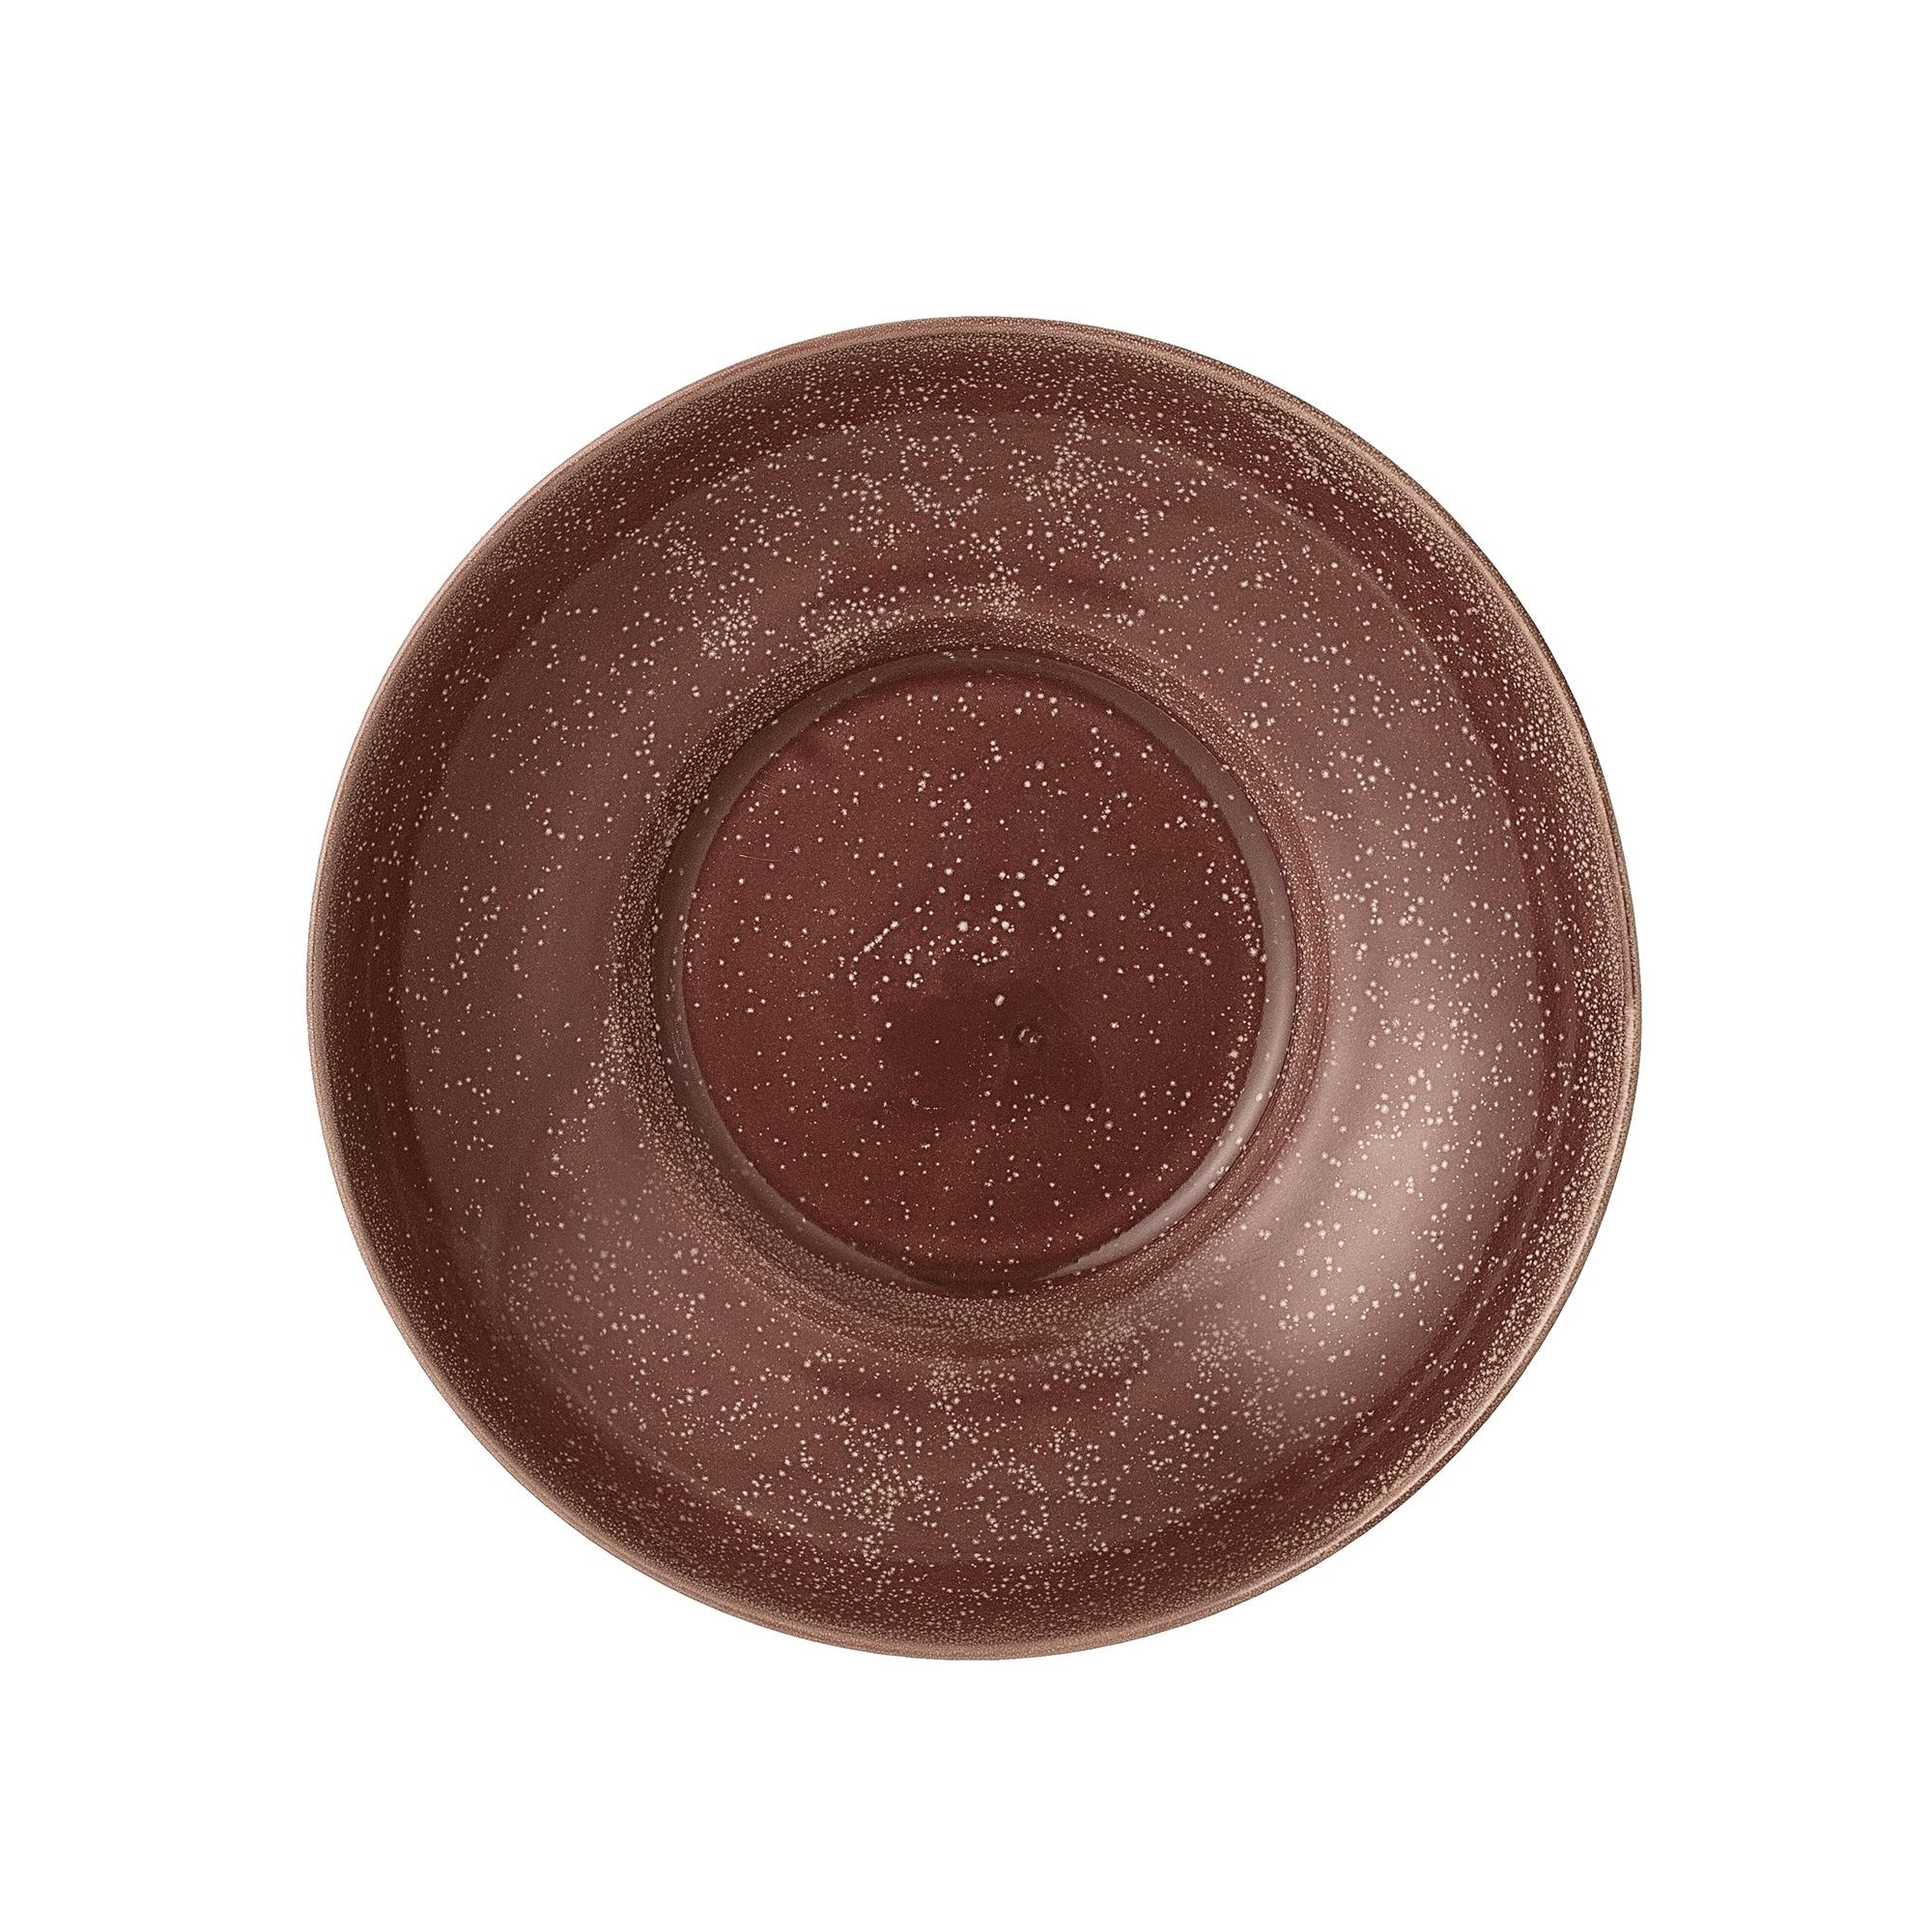 Bol pentru servire Joelle din ceramica Red O215xh6 cm